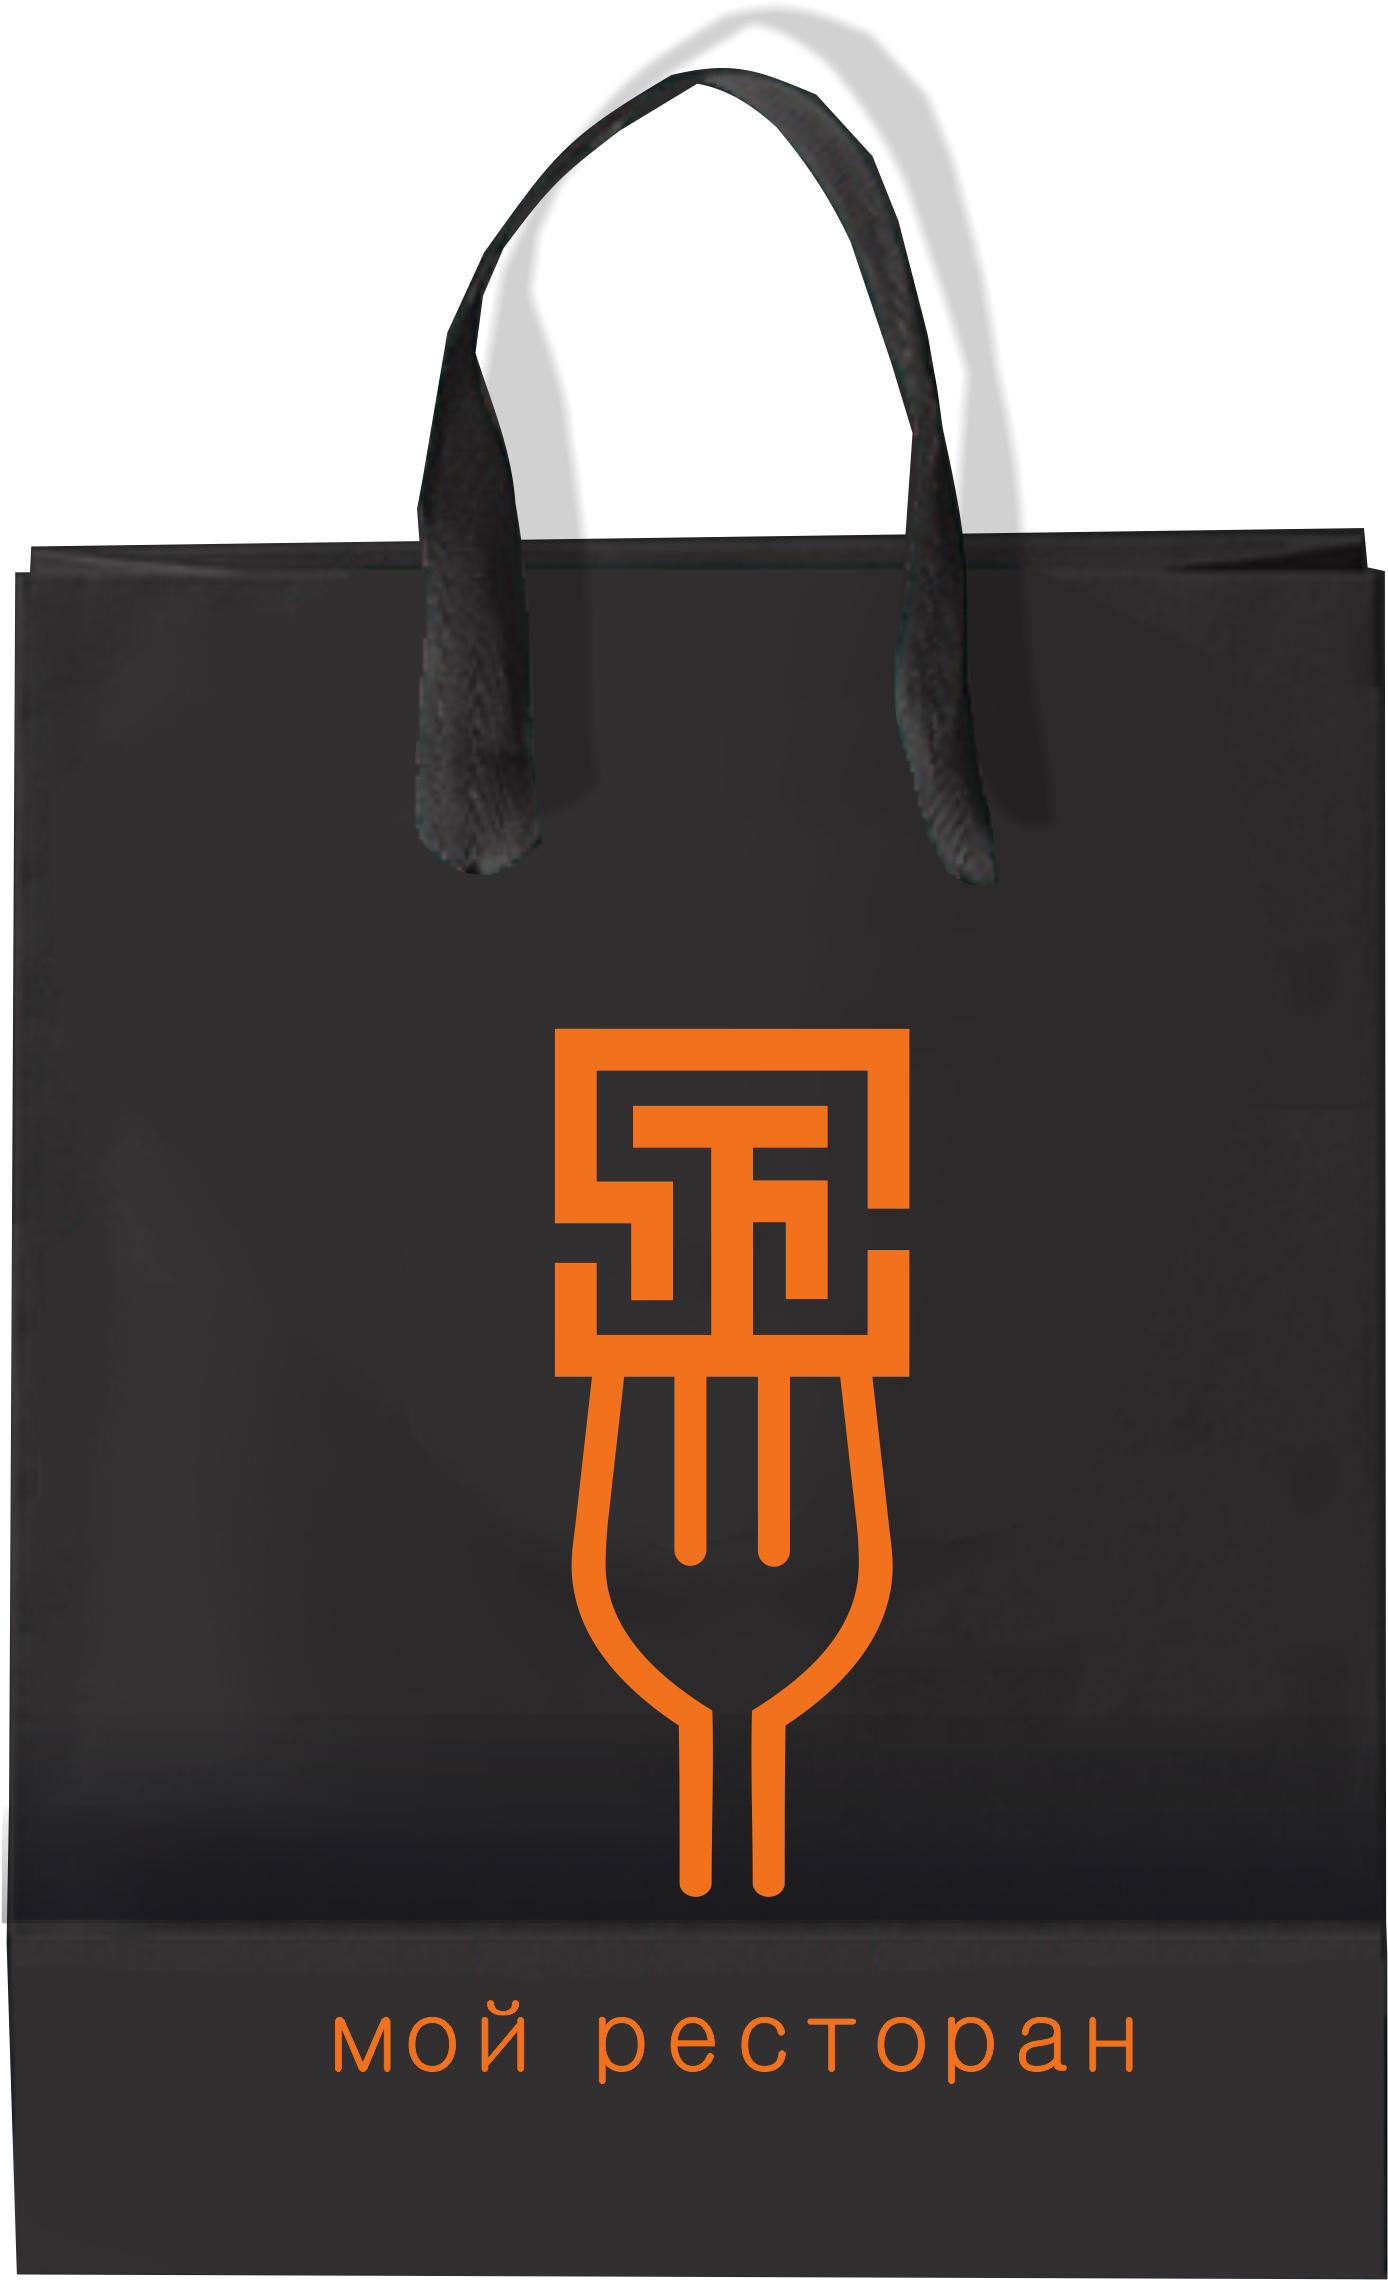 Разработать логотип и фавикон для IT- компании фото f_0985d55646f48ec0.png